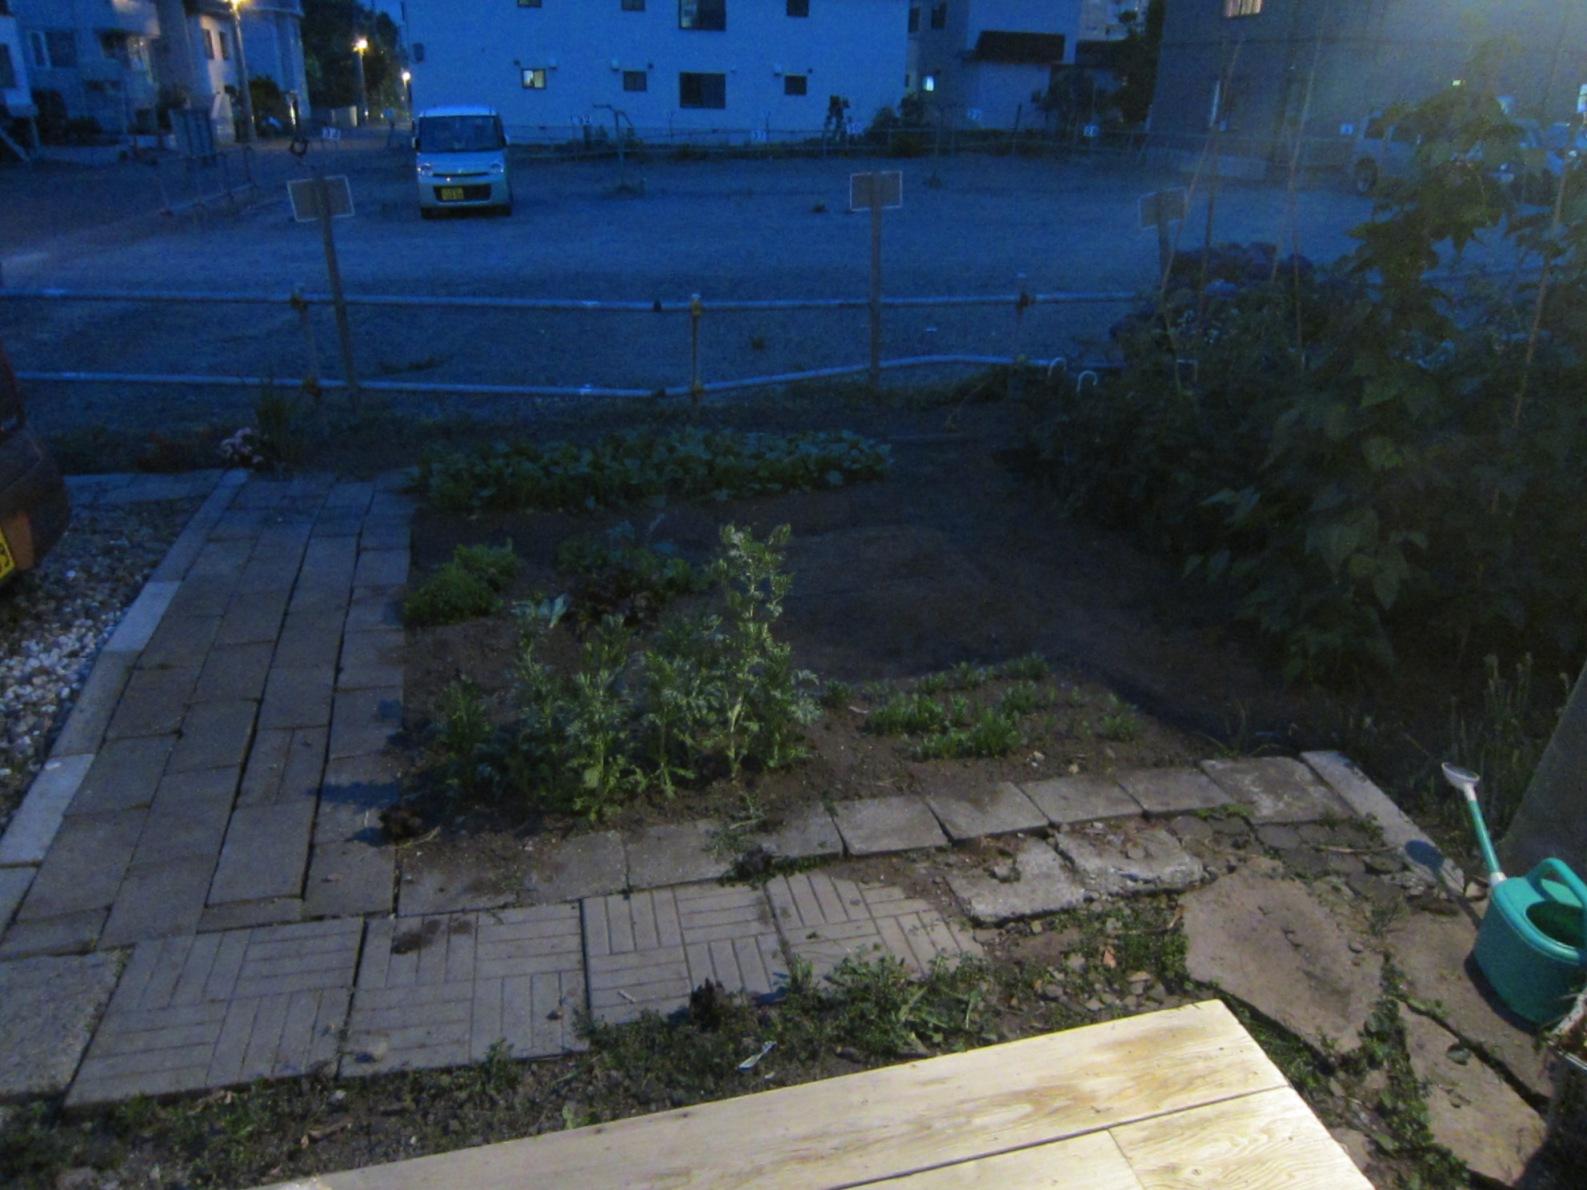 2416)「昨夜は庭で夕食をした。2014年7月17日(木)」_f0126829_16571422.jpg